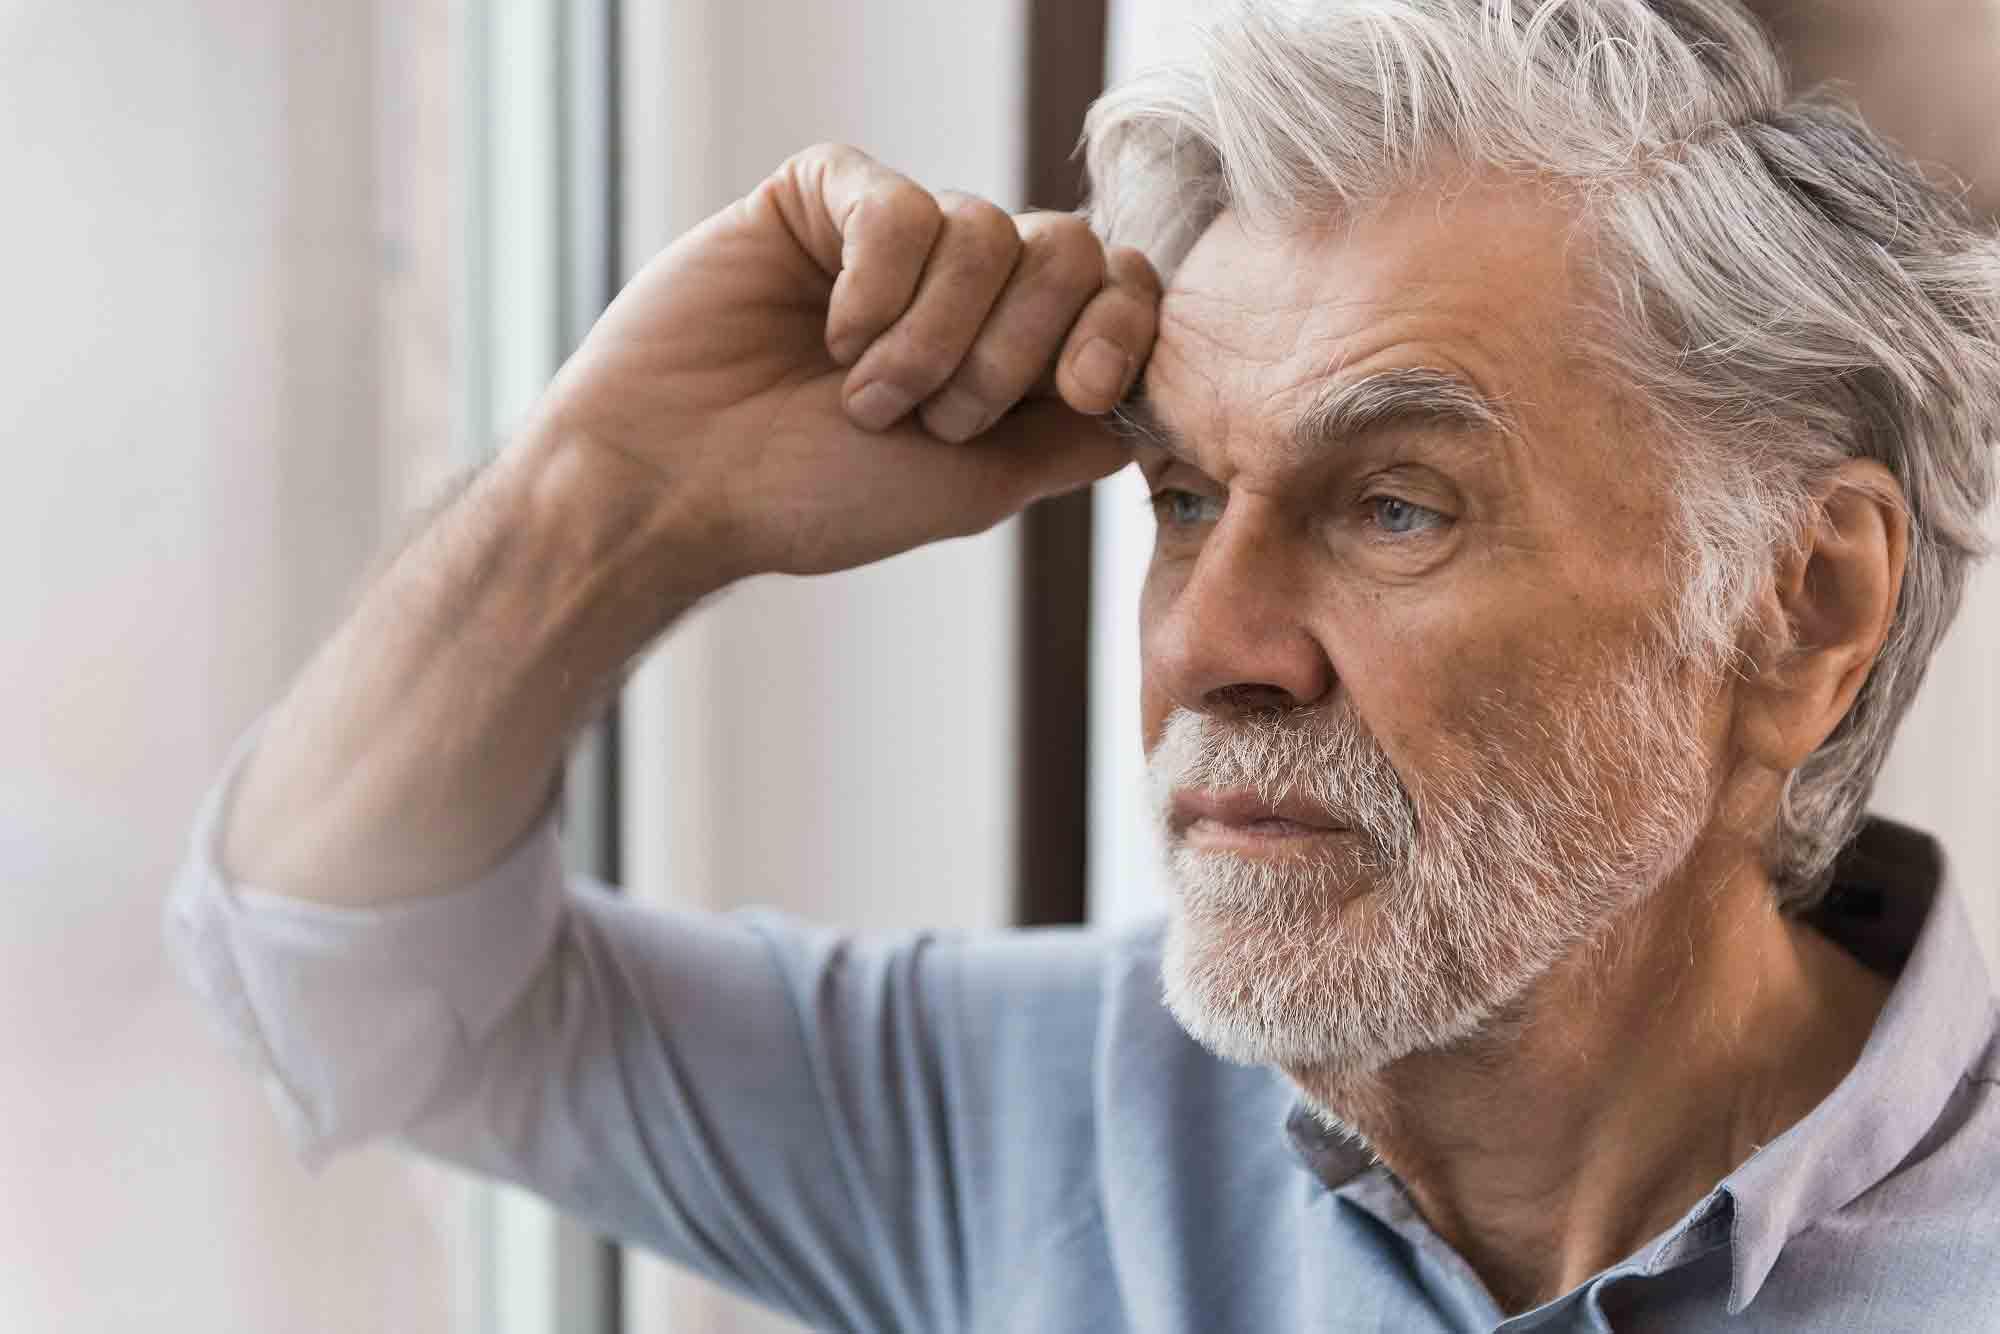 استرس در سالمندان | مرکز پارسیان مهرپرور